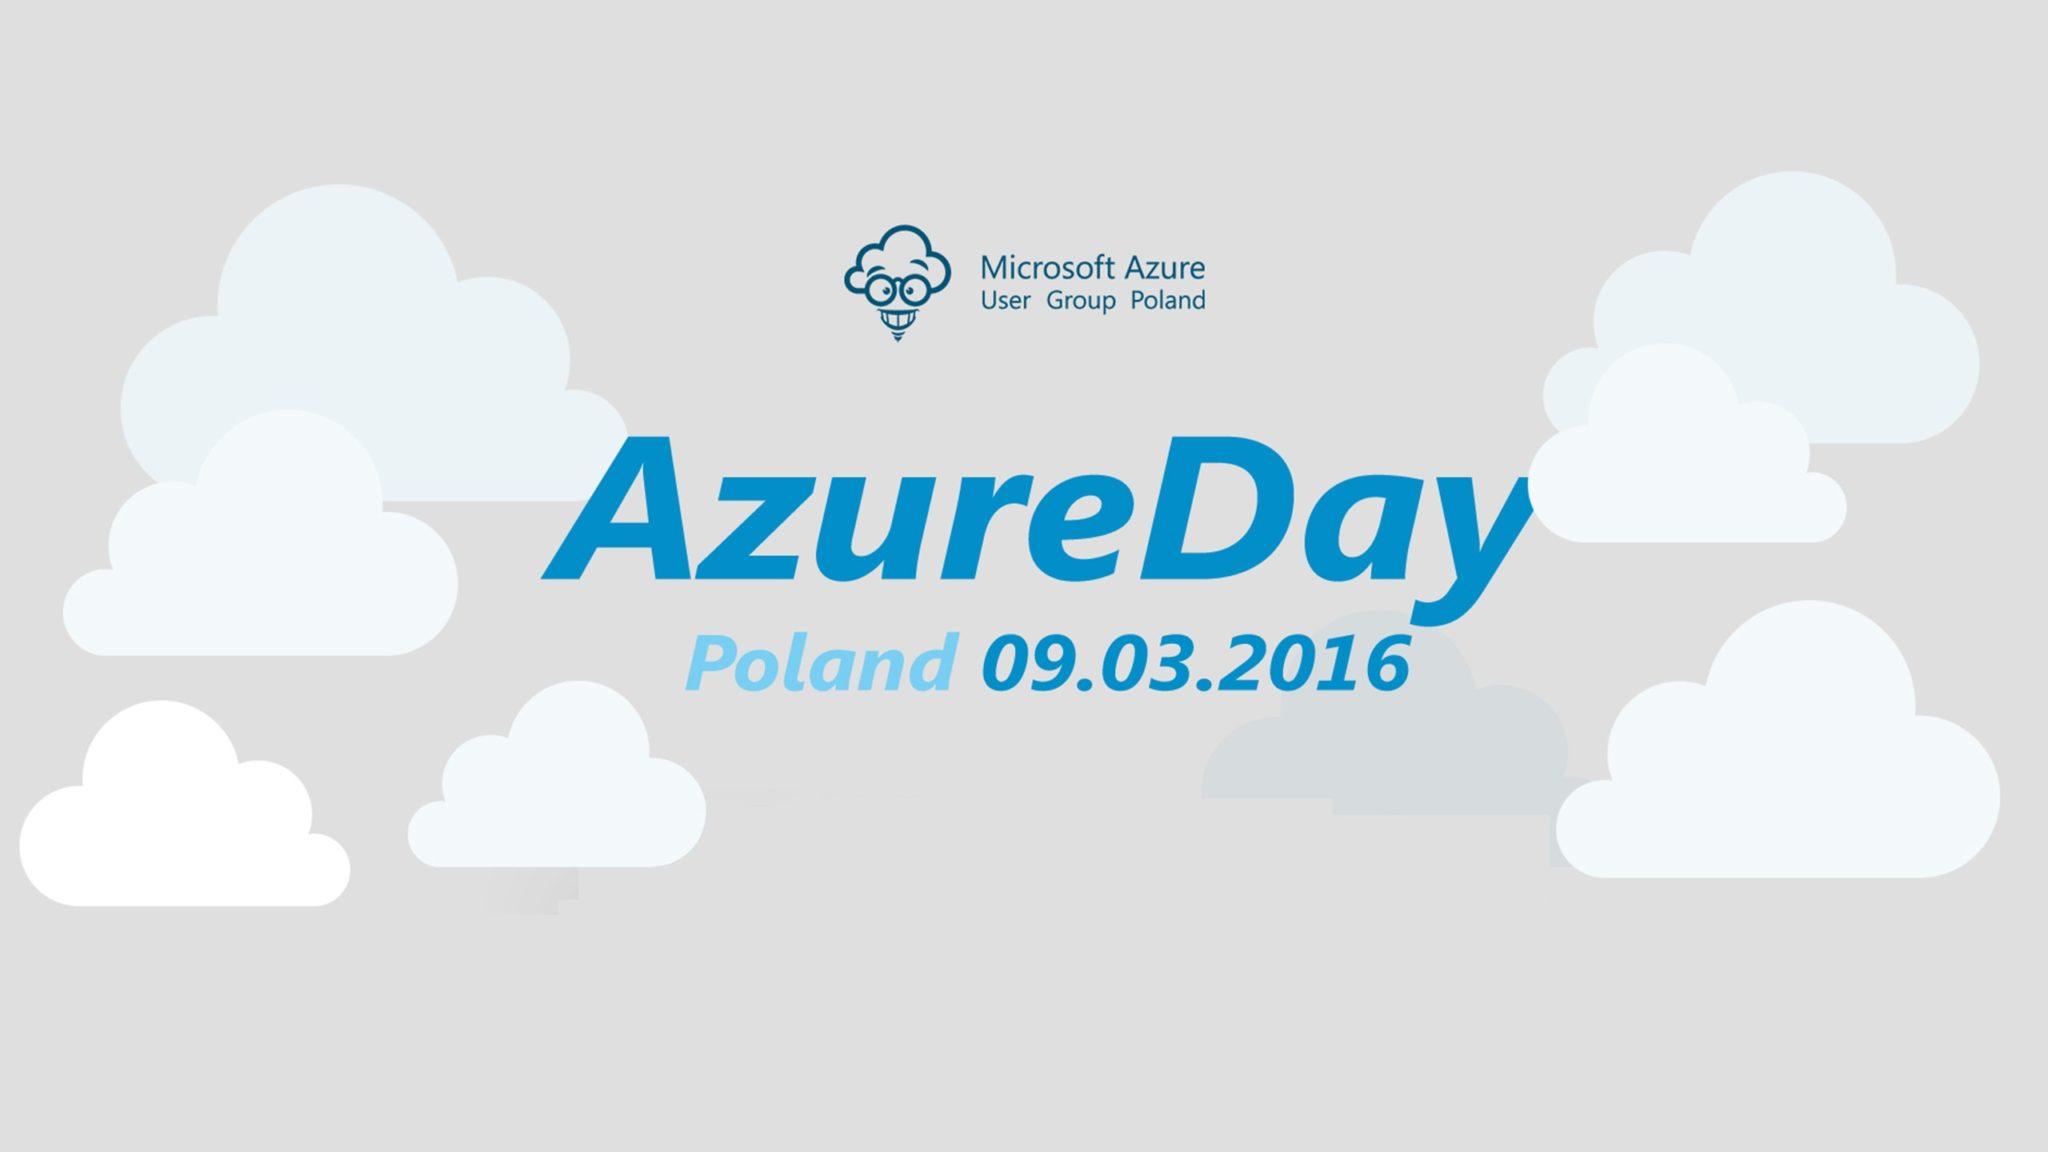 AzureDay Poland 2016